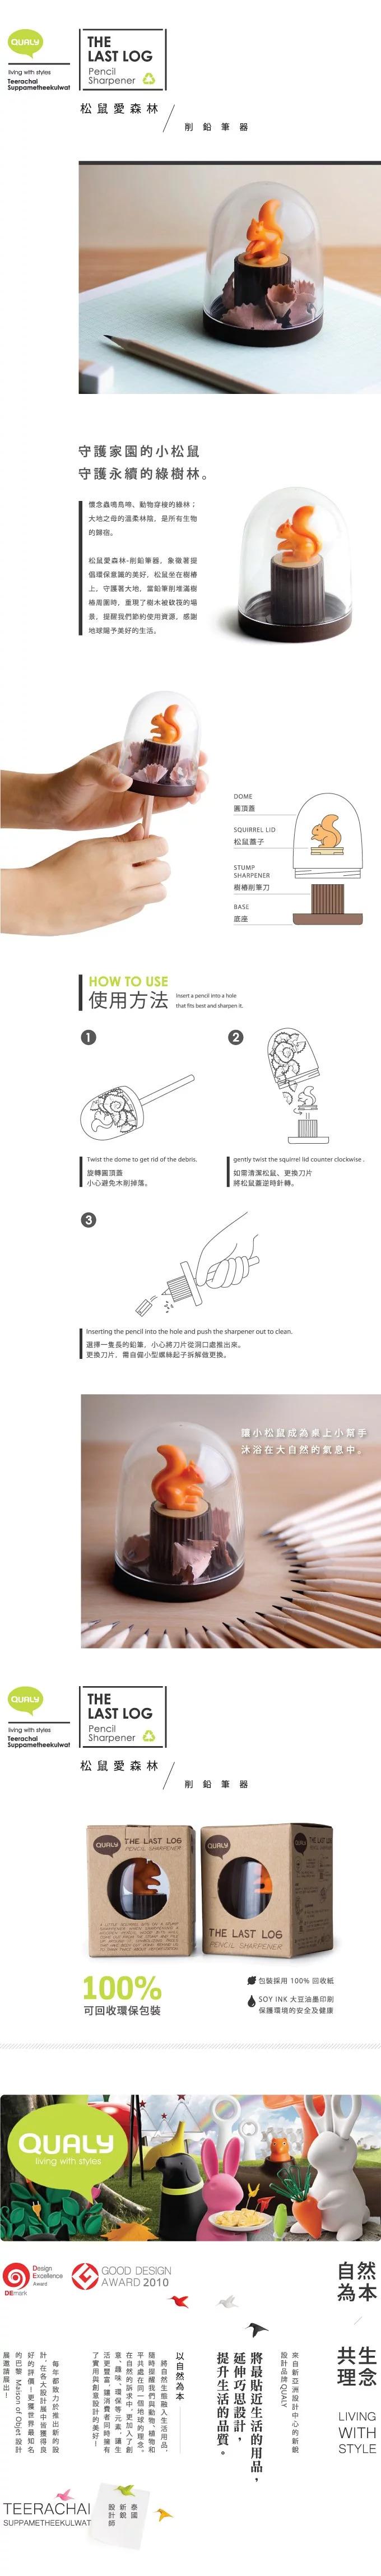 泰國 QUALY 松鼠愛森林-削鉛筆器